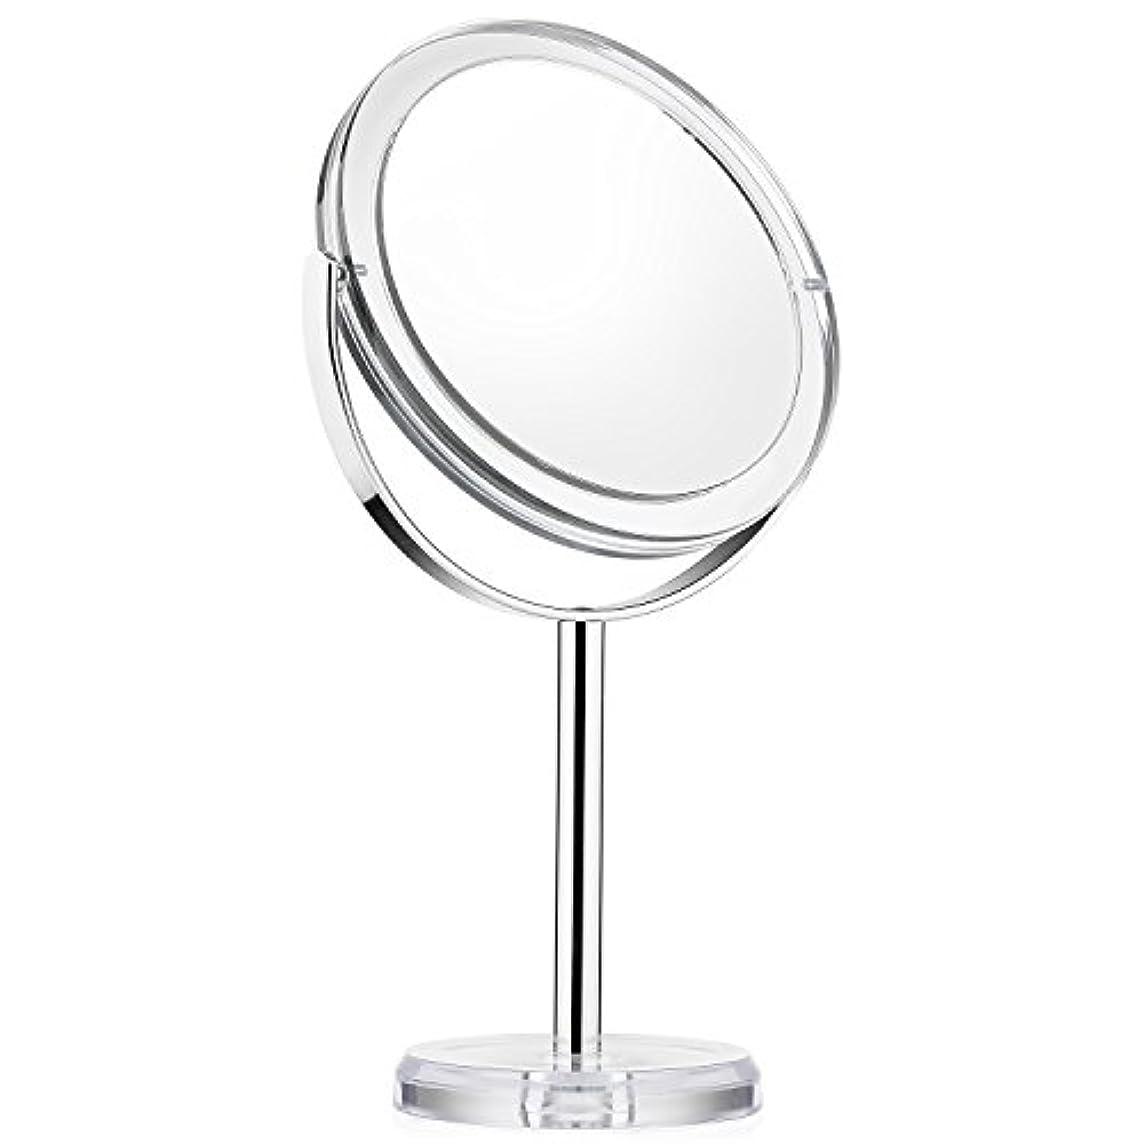 クラフト厚くする脱獄化粧ミラー Beautifive 鏡 卓上 化粧鏡 メイクミラー 卓上ミラー スタンドミラー卓上 等倍卓上両面鏡 卓上鏡 7倍拡大スタンドミラー 360°回転可 光学レズン高解像度